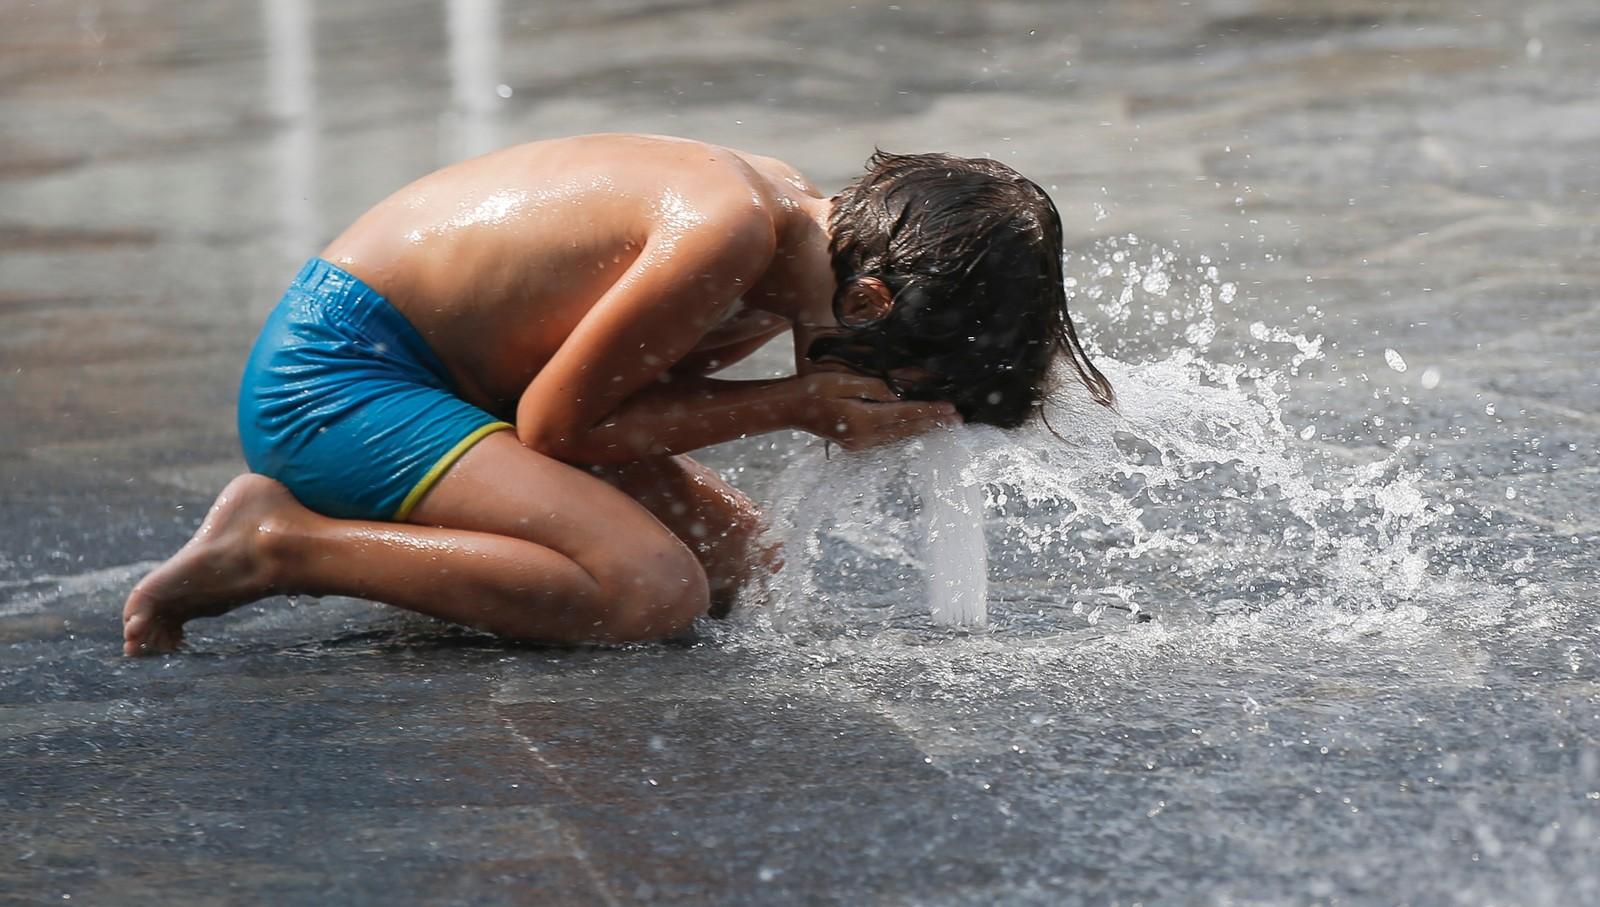 Eit avkjølande spyl i ansiktet kan vere godt i varmen. Her frå ein fontene i Milano i Italia.